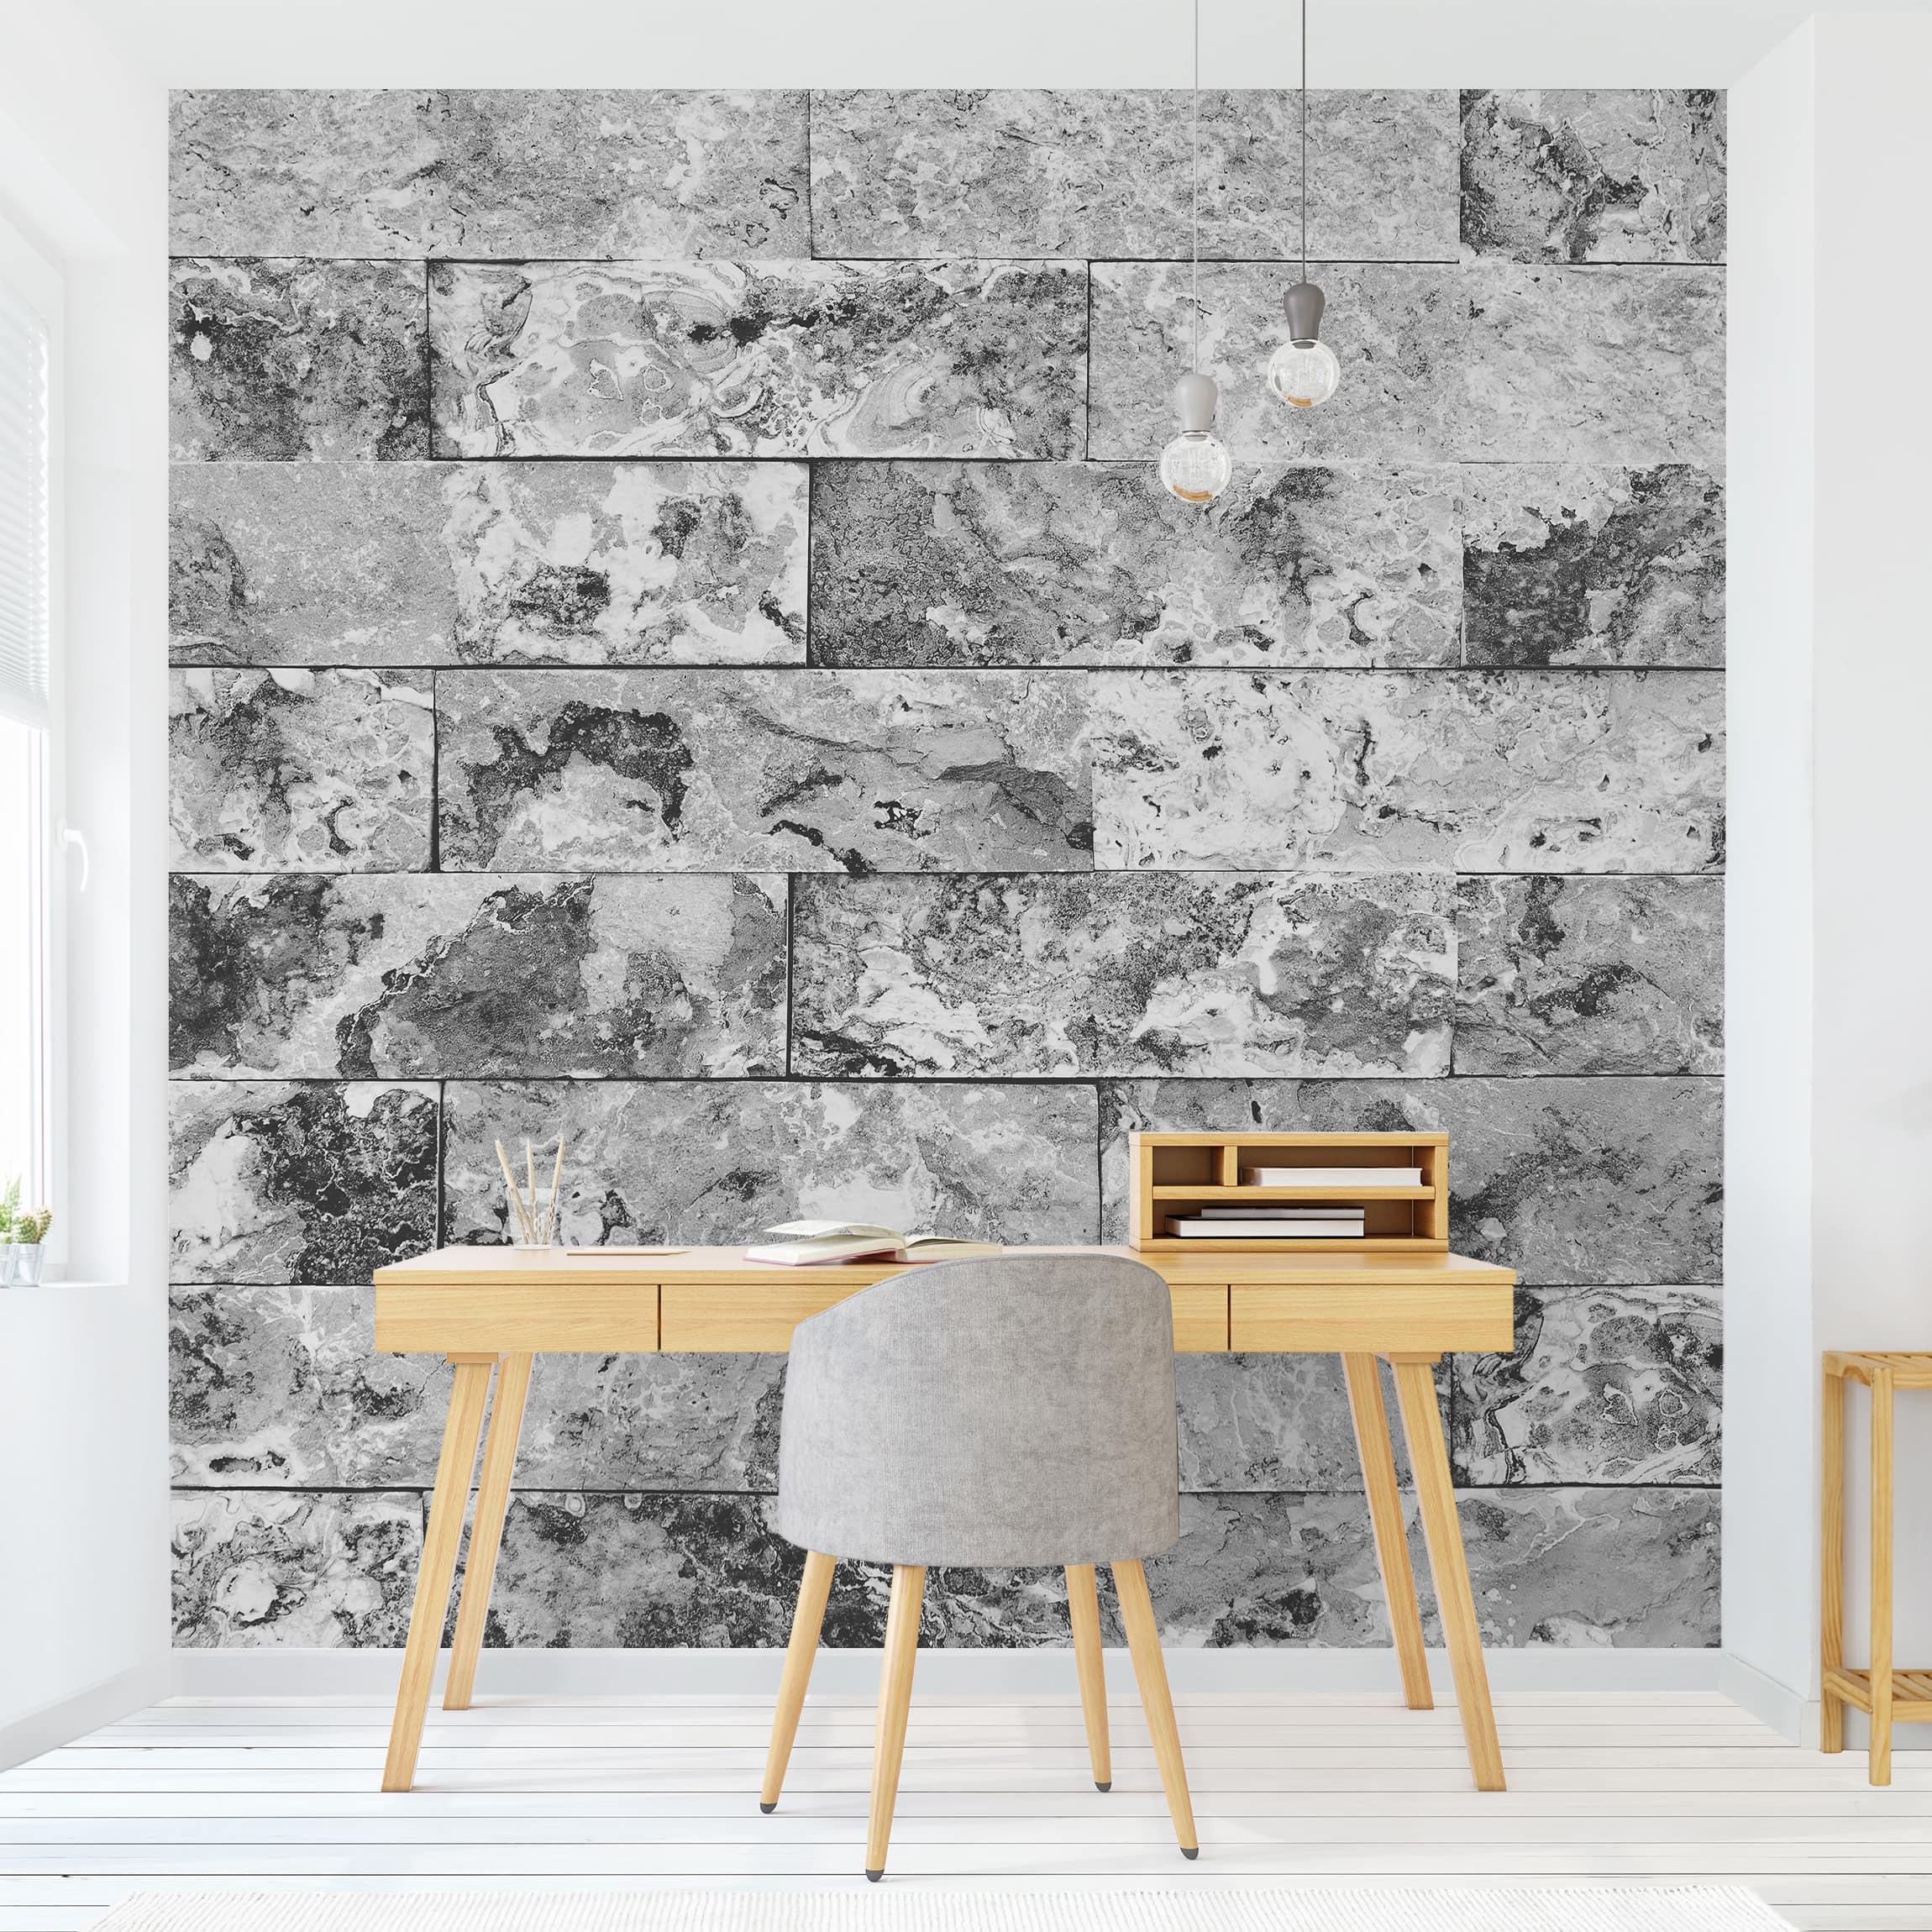 Full Size of Fototapete Grau Tapete Selbstklebend Steinwand Naturmarmor Quadrat Fototapeten Wohnzimmer Schlafzimmer Küche Hochglanz Graues Bett Regal Xxl Sofa 3er 3 Sitzer Wohnzimmer Fototapete Grau